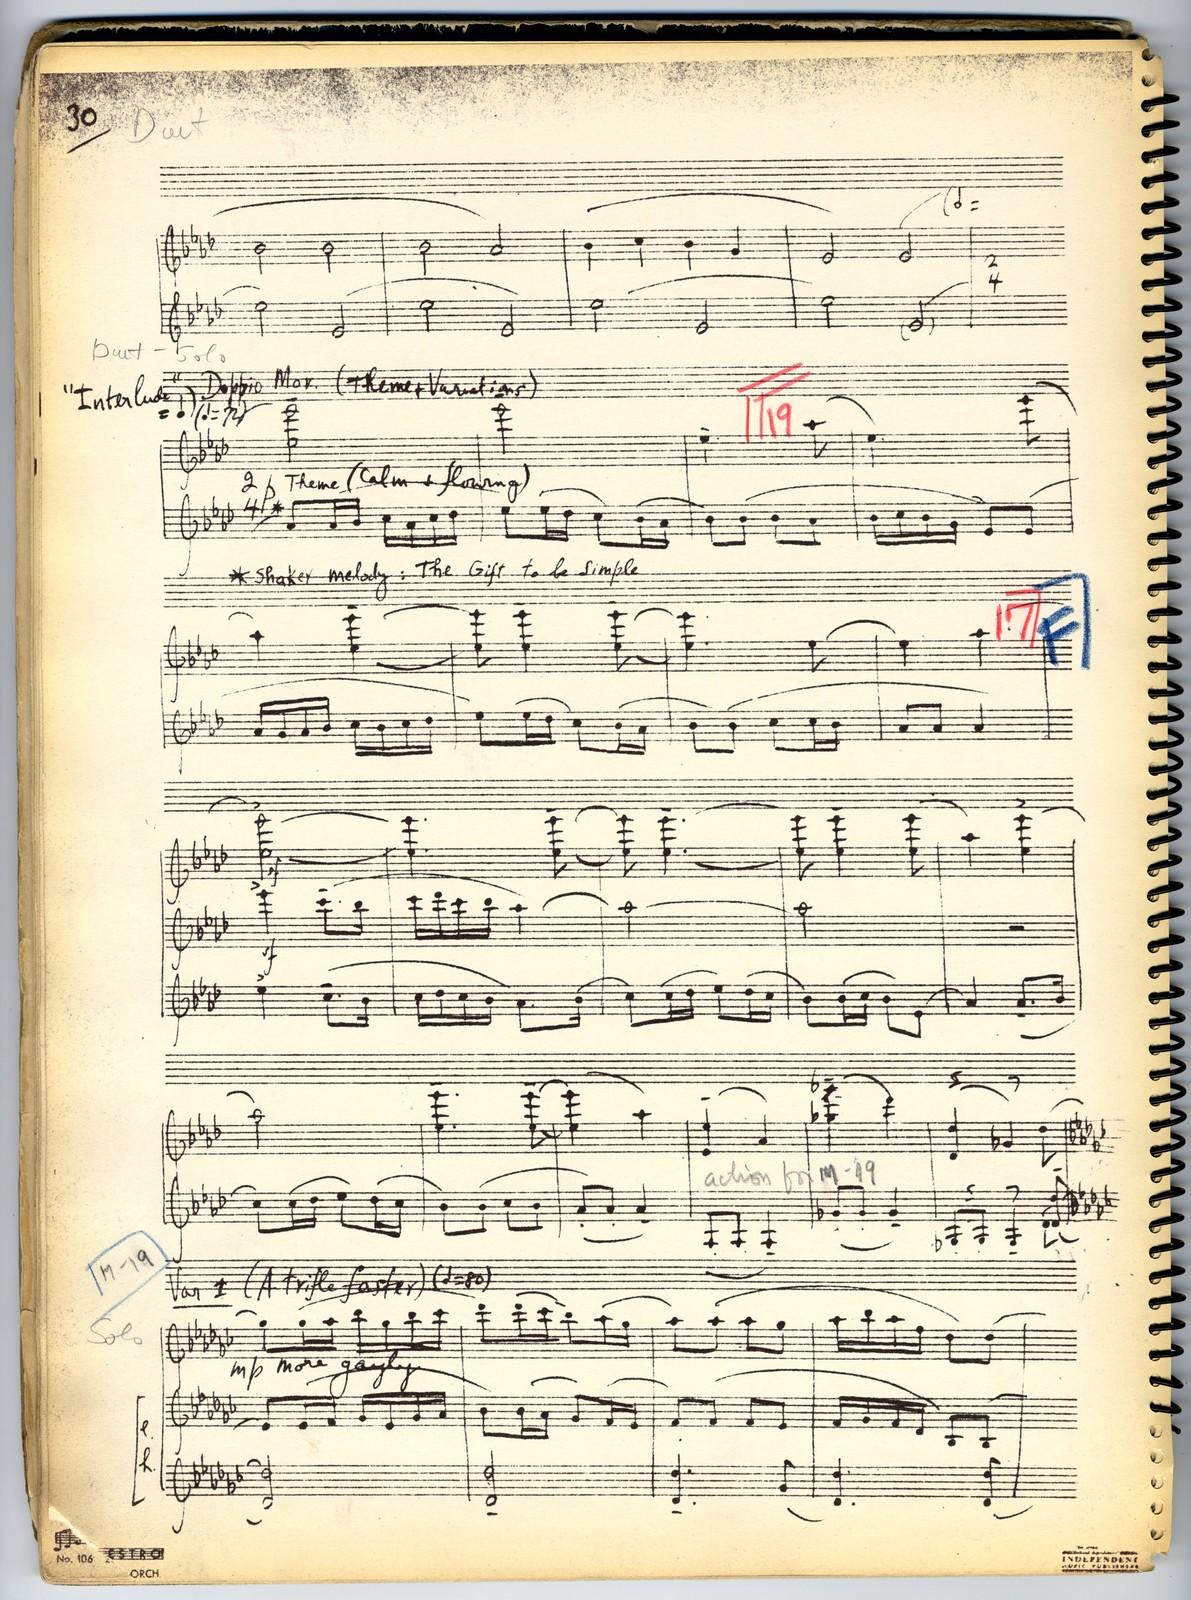 Appalachian spring (Piano rehearsal copy no. 2)